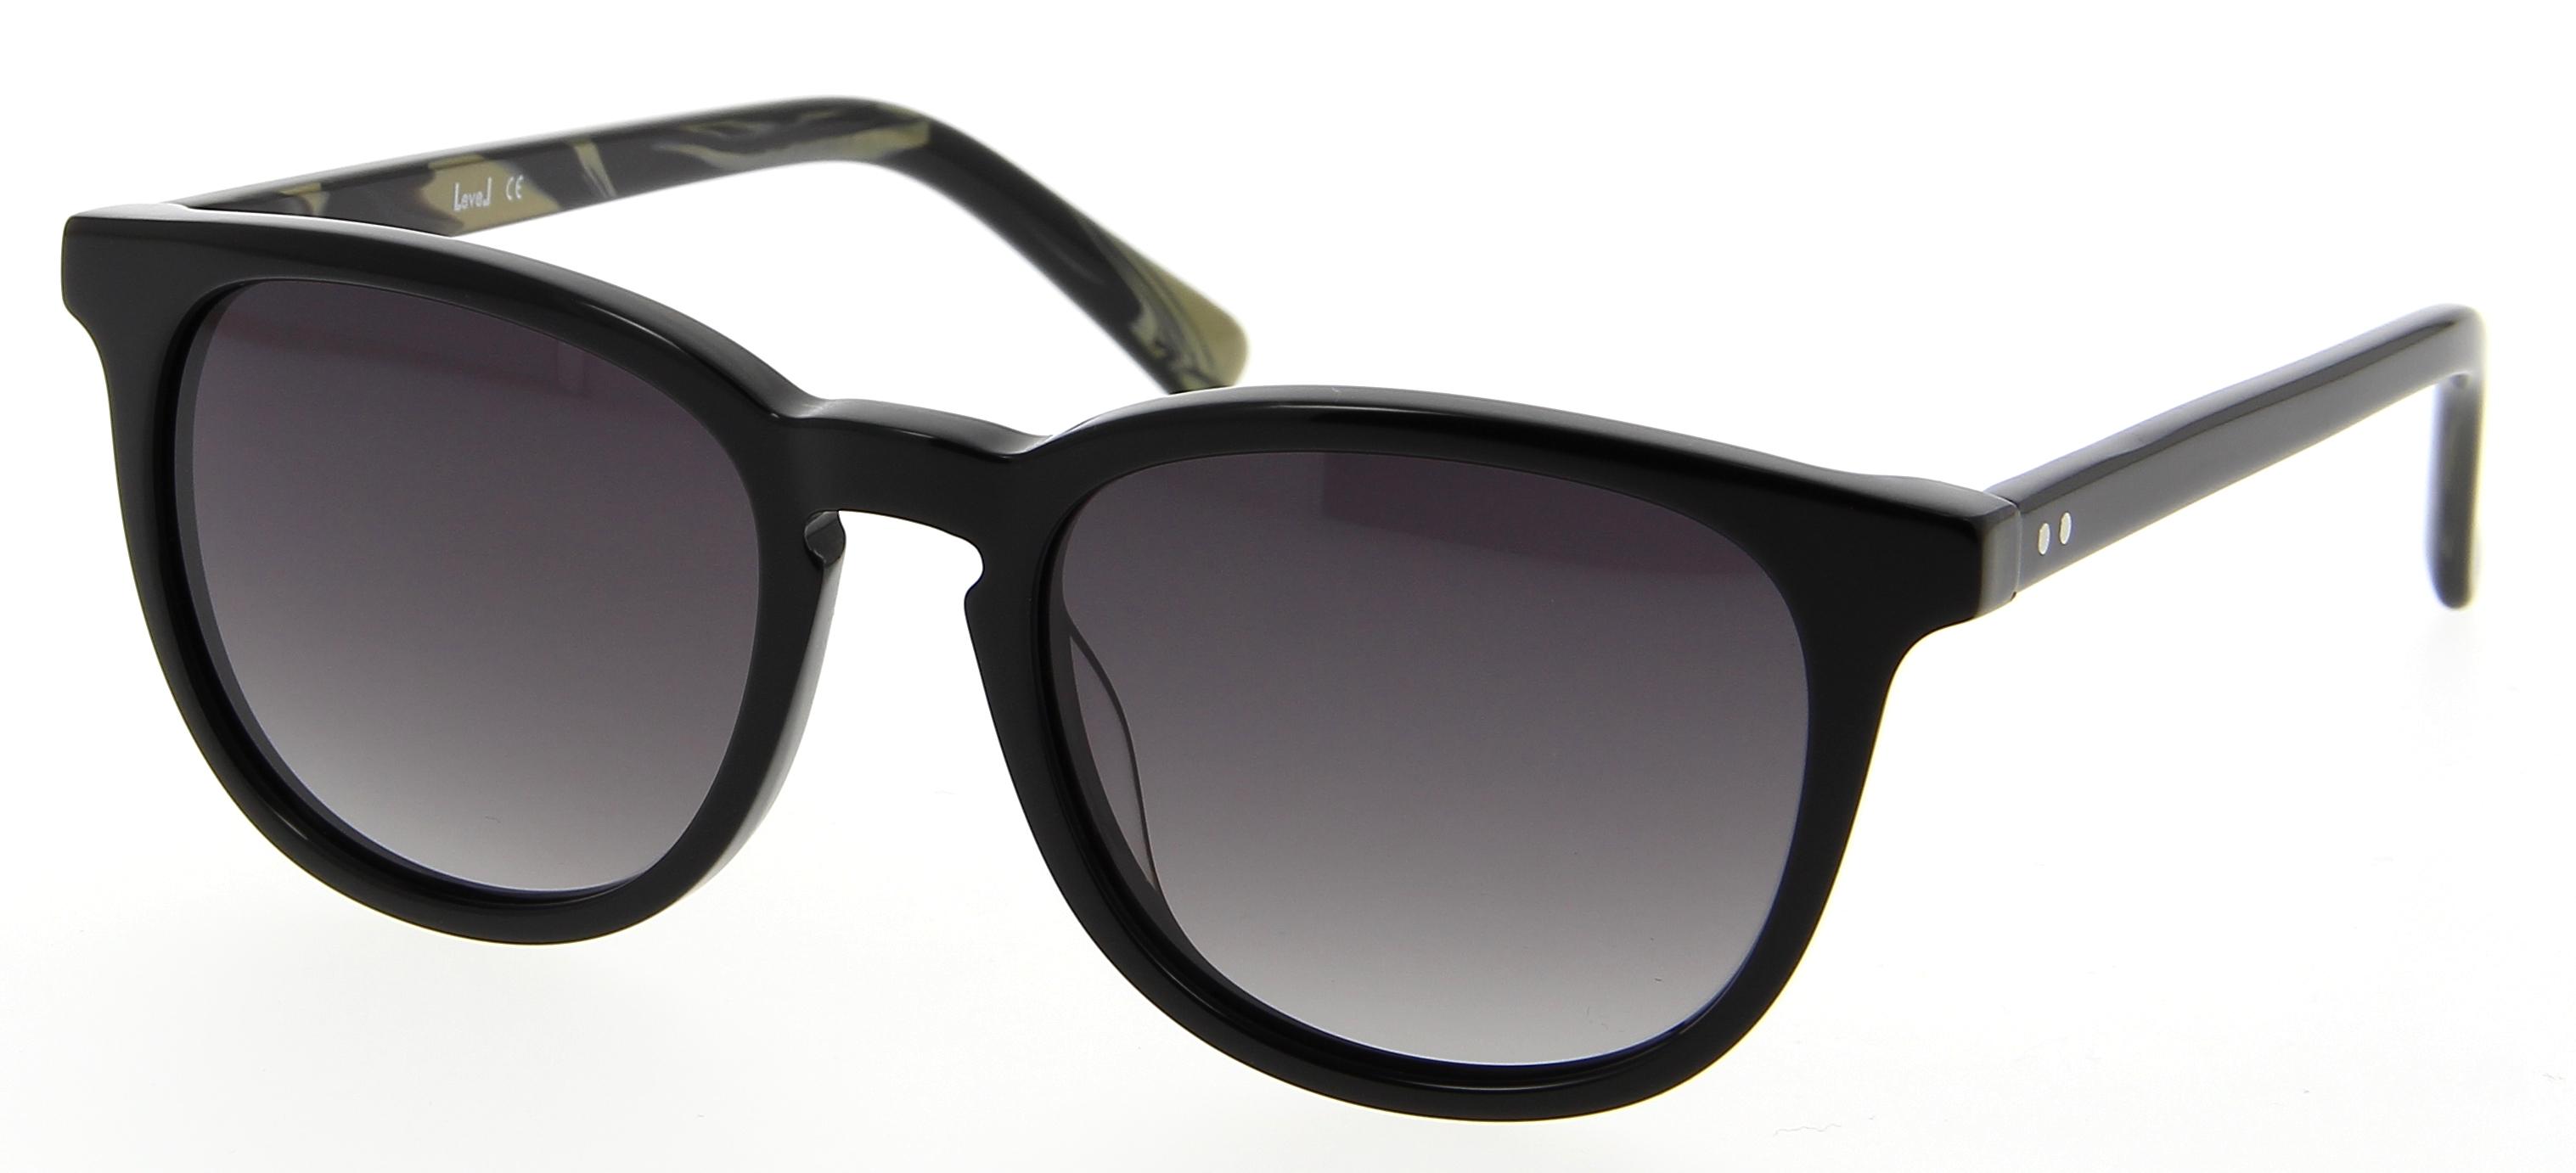 lunettes de soleil level le s1613 noir 51 18 femme noir arrondie cercl e vintage 51mmx18mm 71. Black Bedroom Furniture Sets. Home Design Ideas